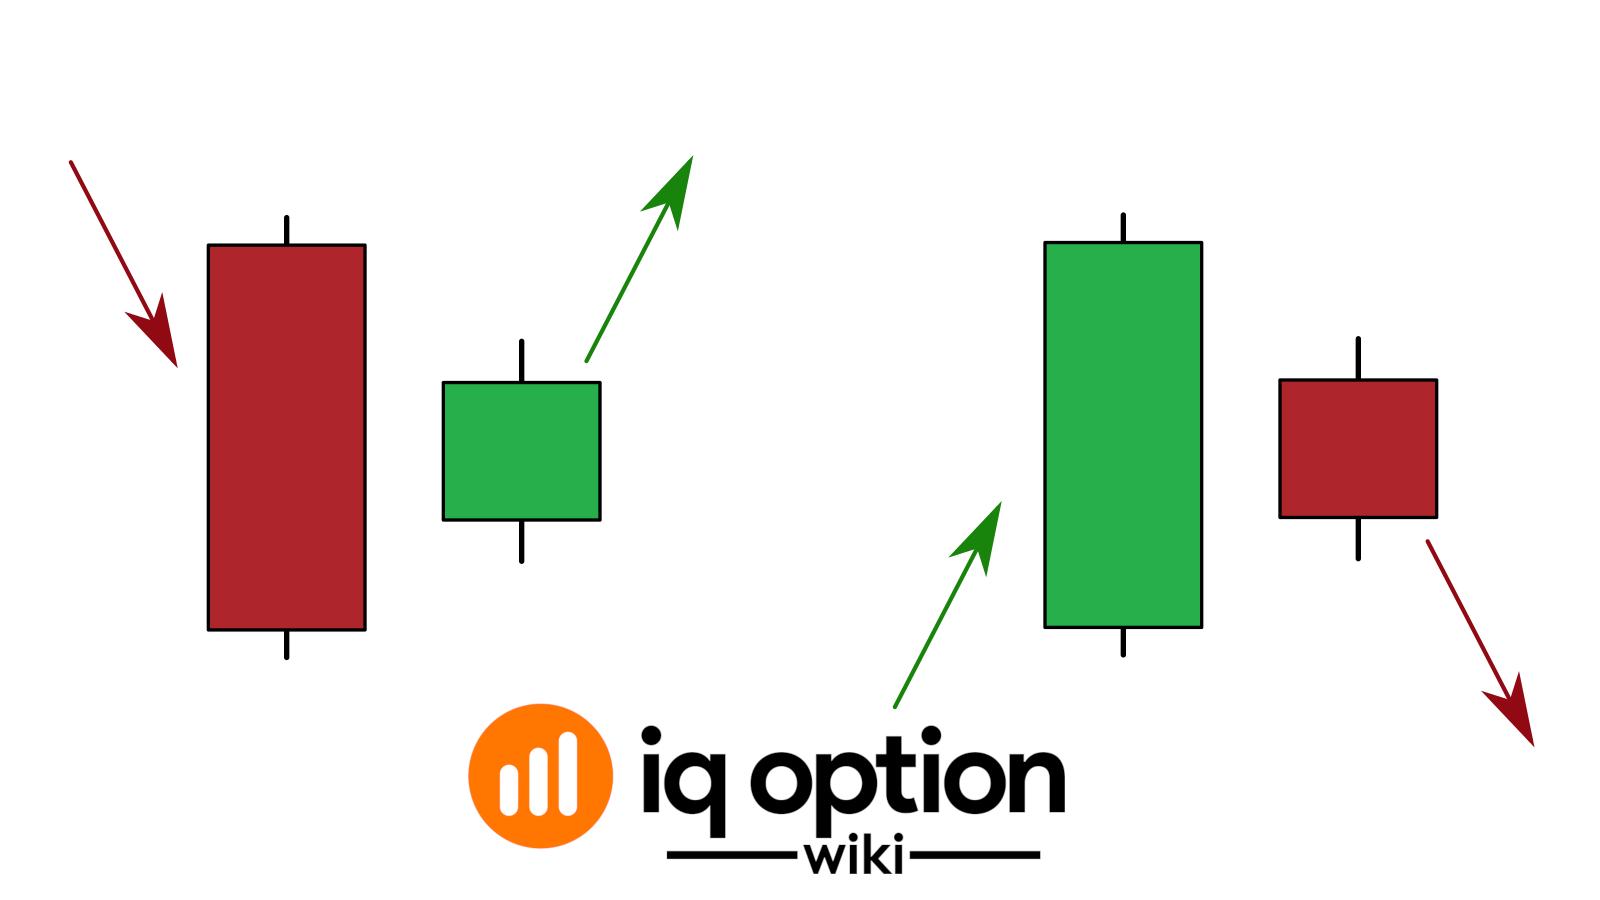 使用Harami蜡烛确定IQ Option 5趋势的顶部和底部的指南